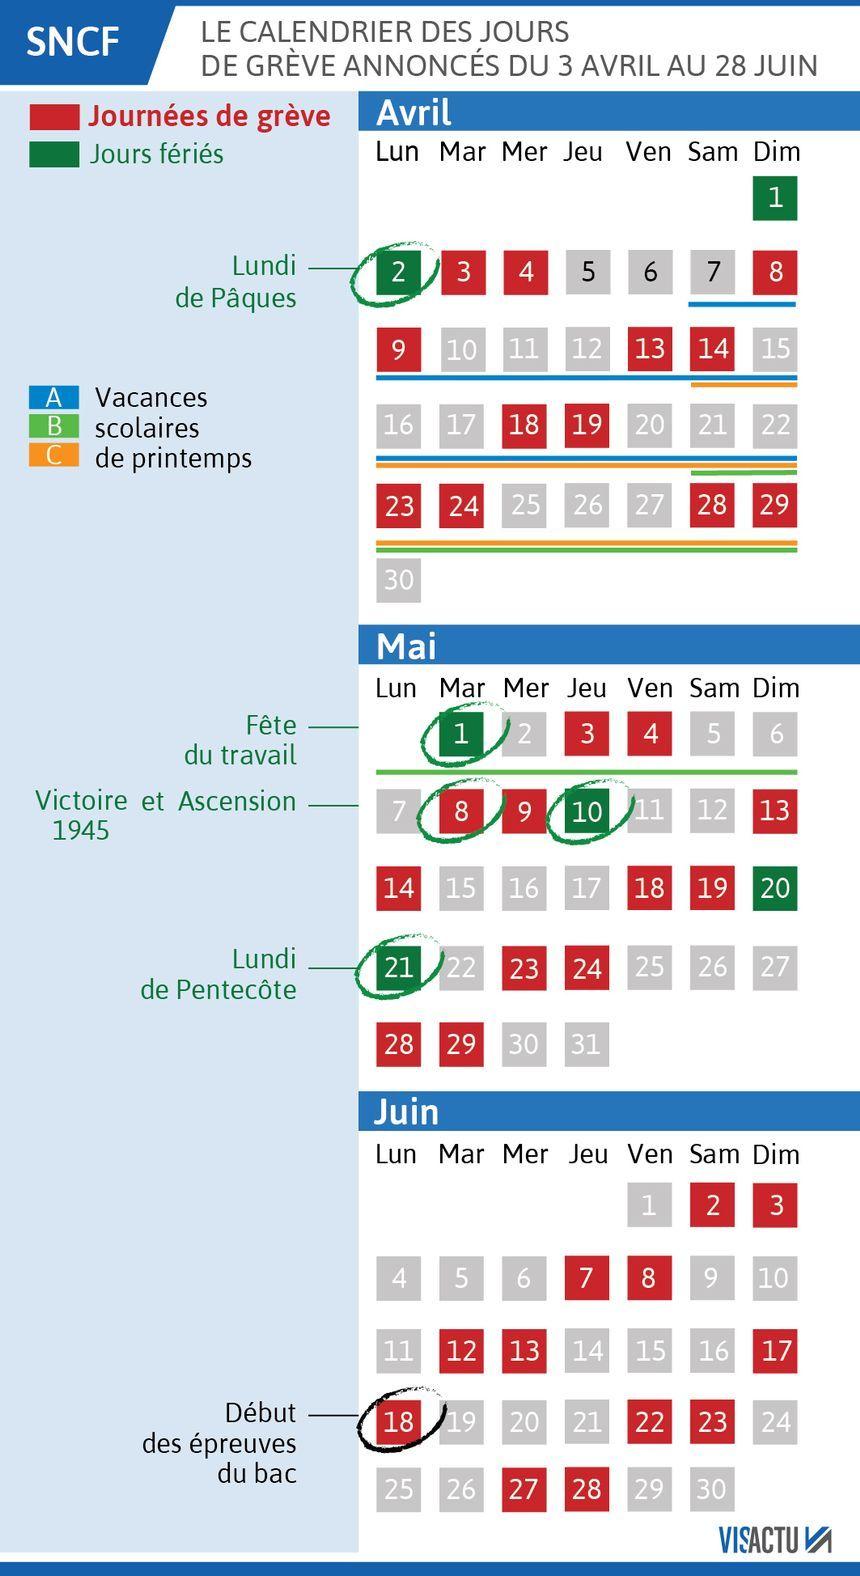 Le calendrier des jours de grève prévus à la SNCF jusqu'à la fin du mois de juin.